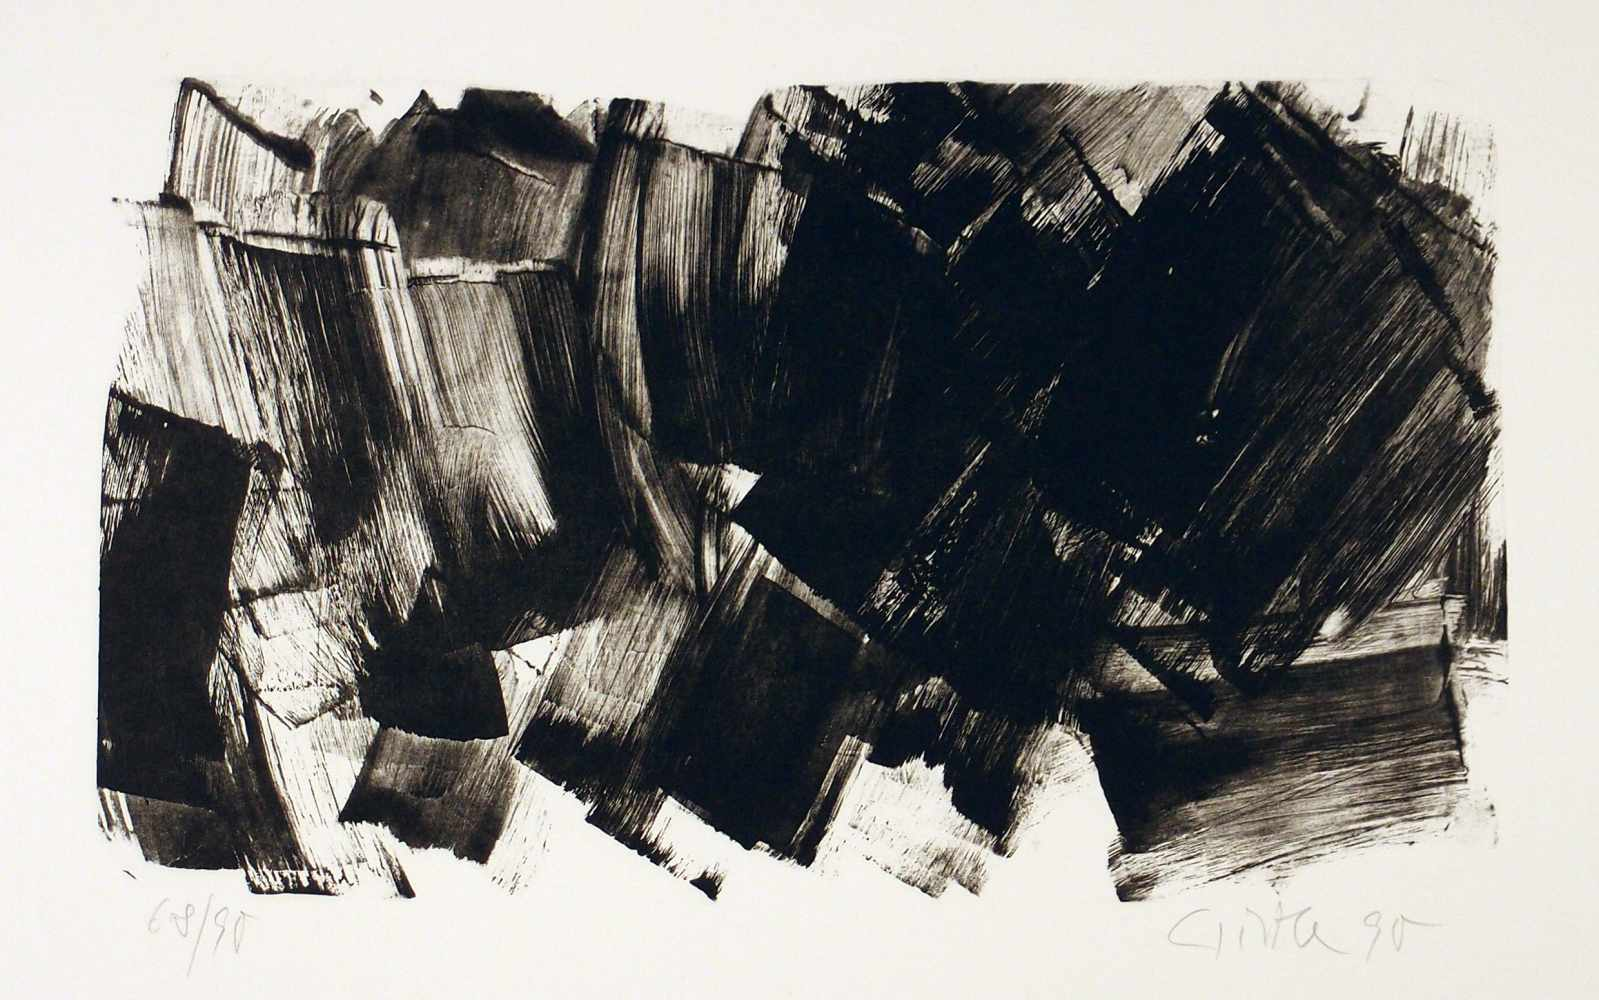 Lot 78 - Raimund GirkeHeinzendorf 1930 - 2002 KölnOhne Titel. Lithographie. 1990. 22,5 x 38,2 cm (45 x 57